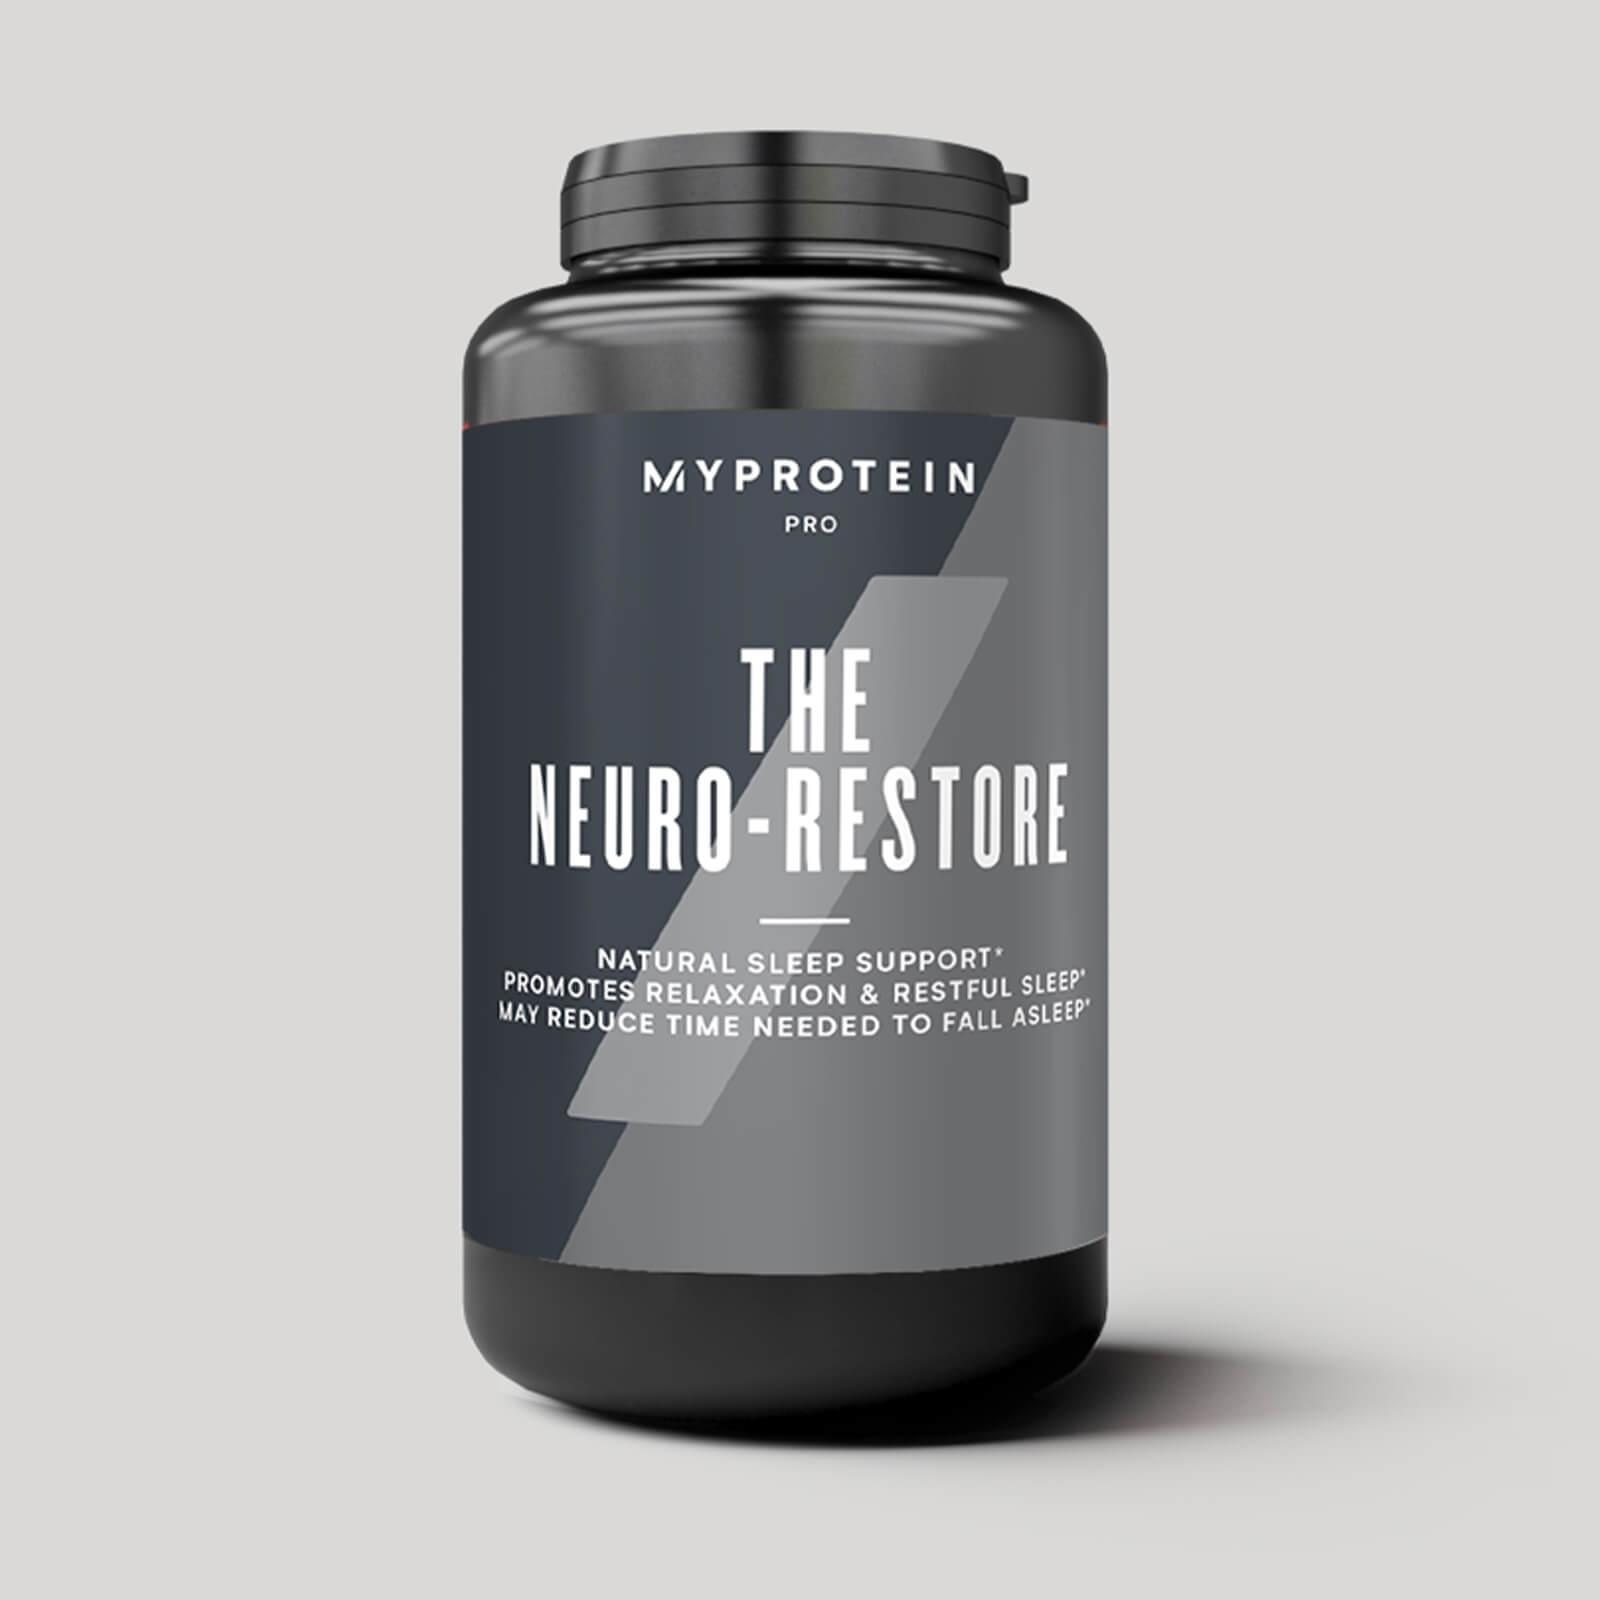 Myprotein THE Neuro Restore - 90capsules - Jar - Unflavoured